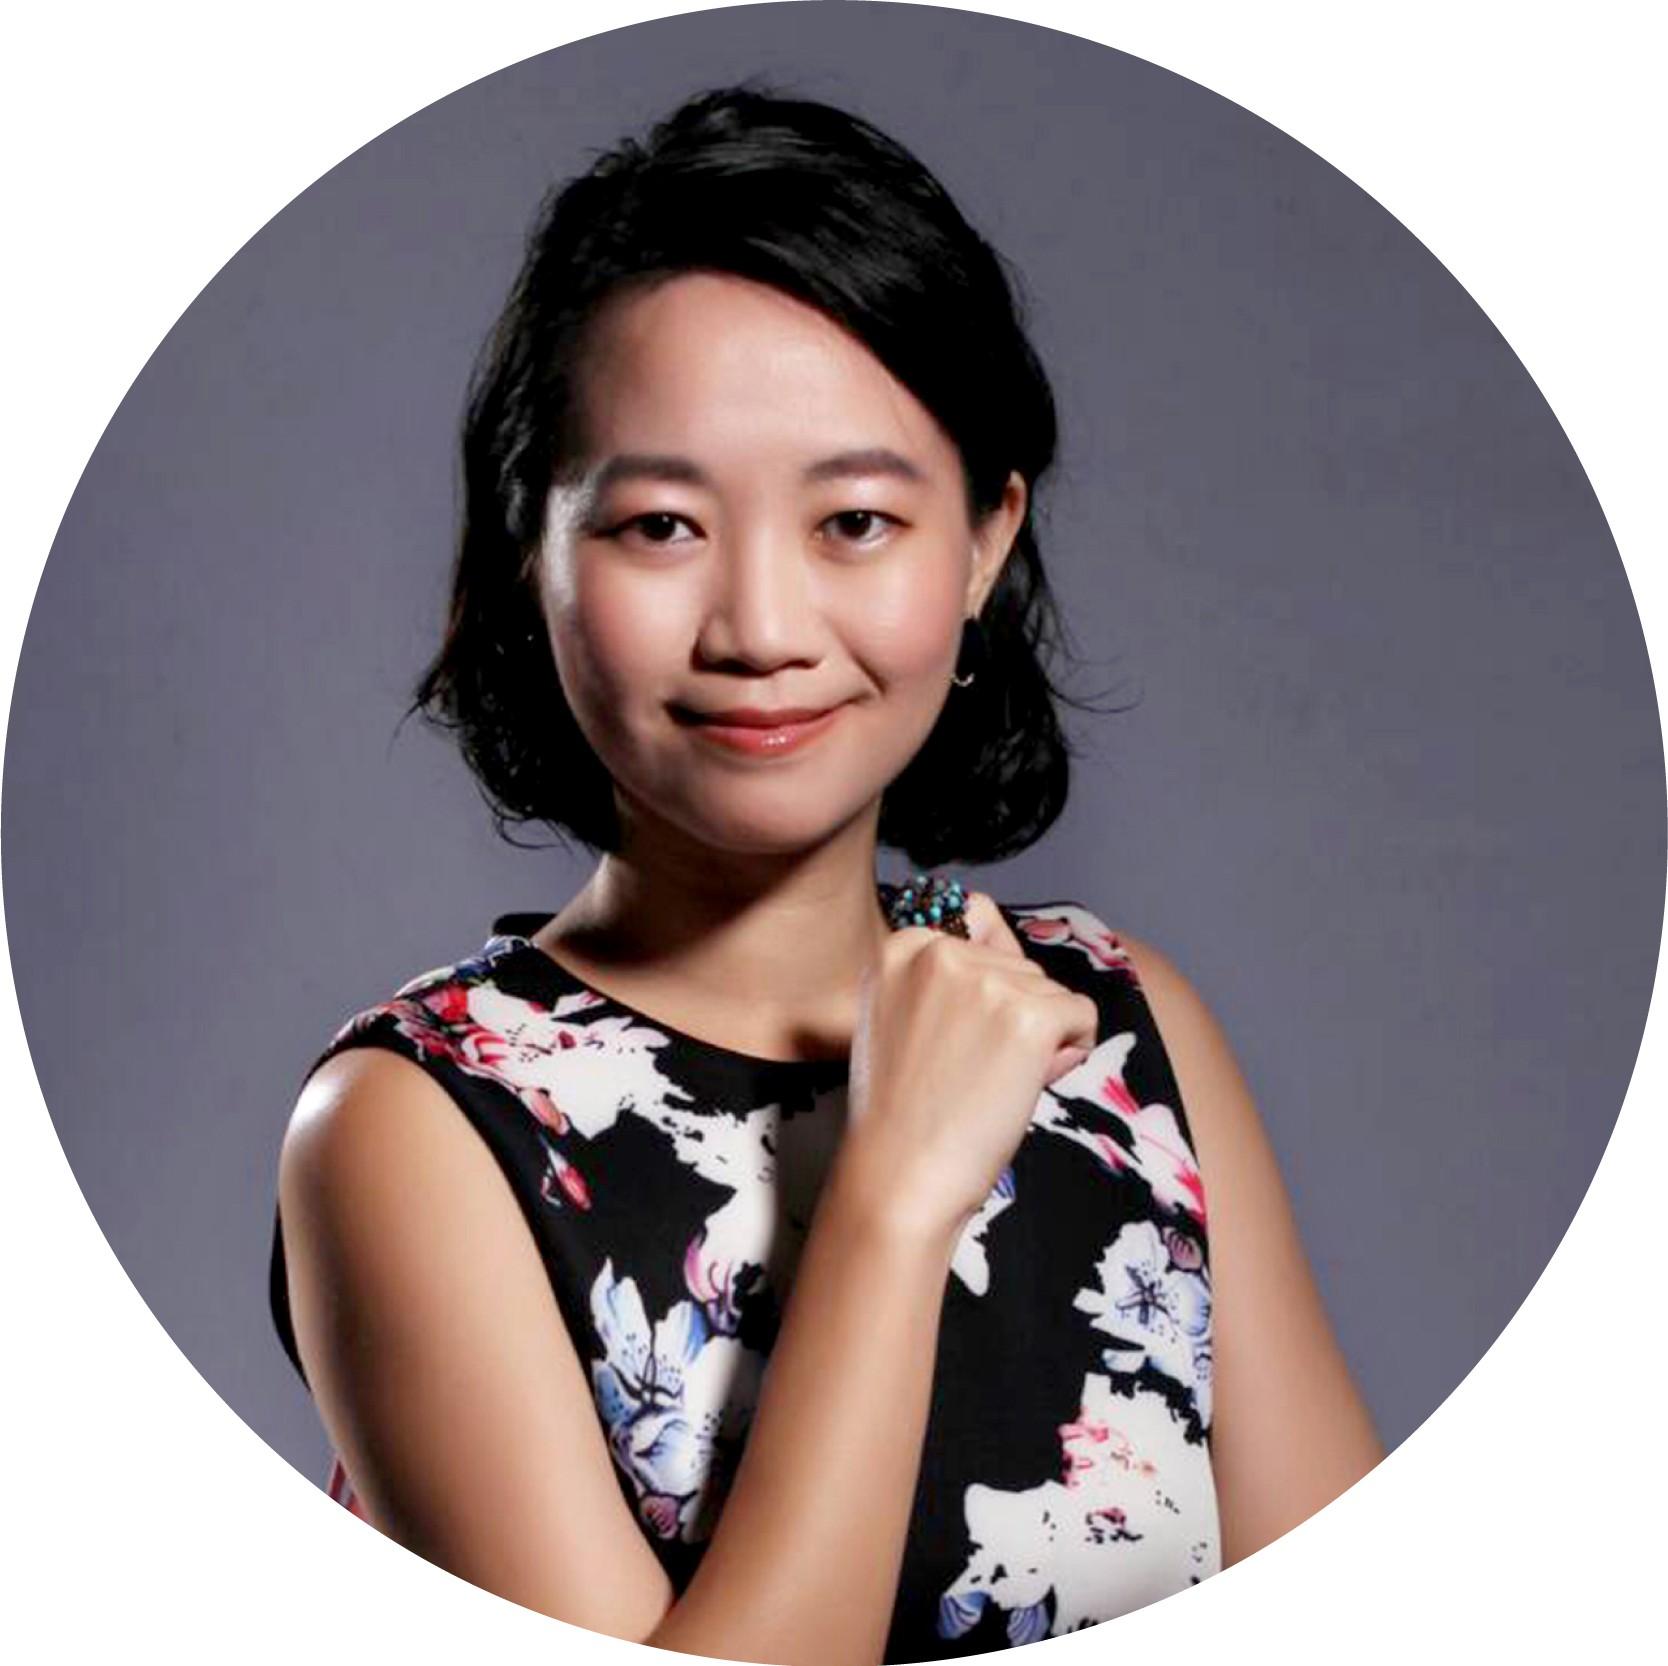 吳姵瑩 Chloe Wu